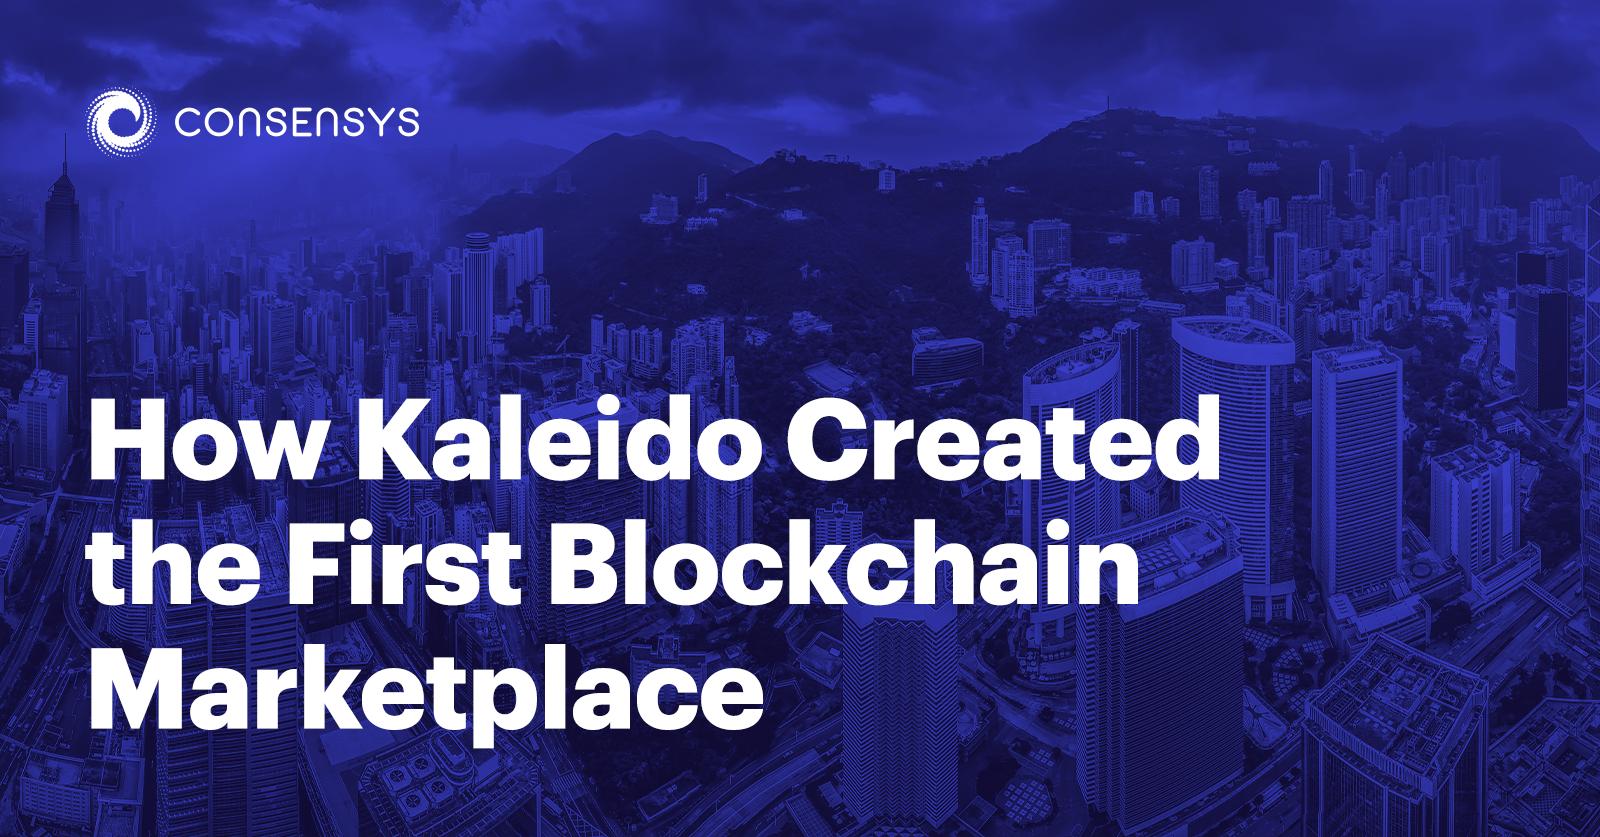 kaleido blockchain marketplace featured